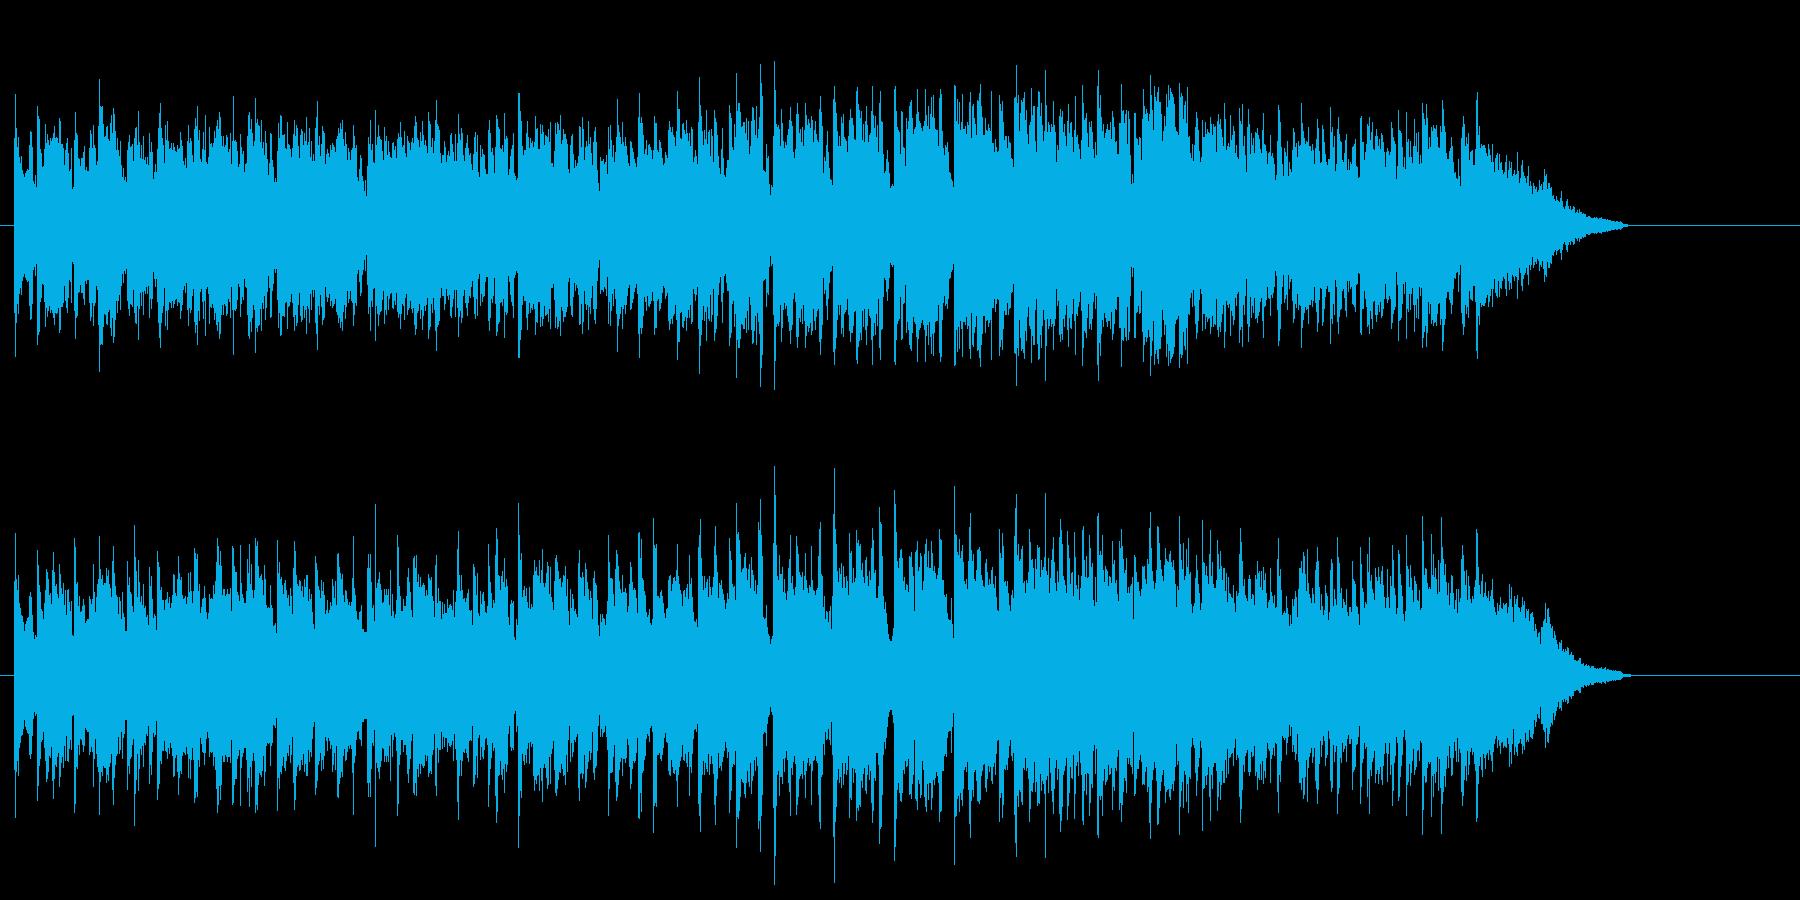 妖艶なマイナー・ムード・ミュージックの再生済みの波形